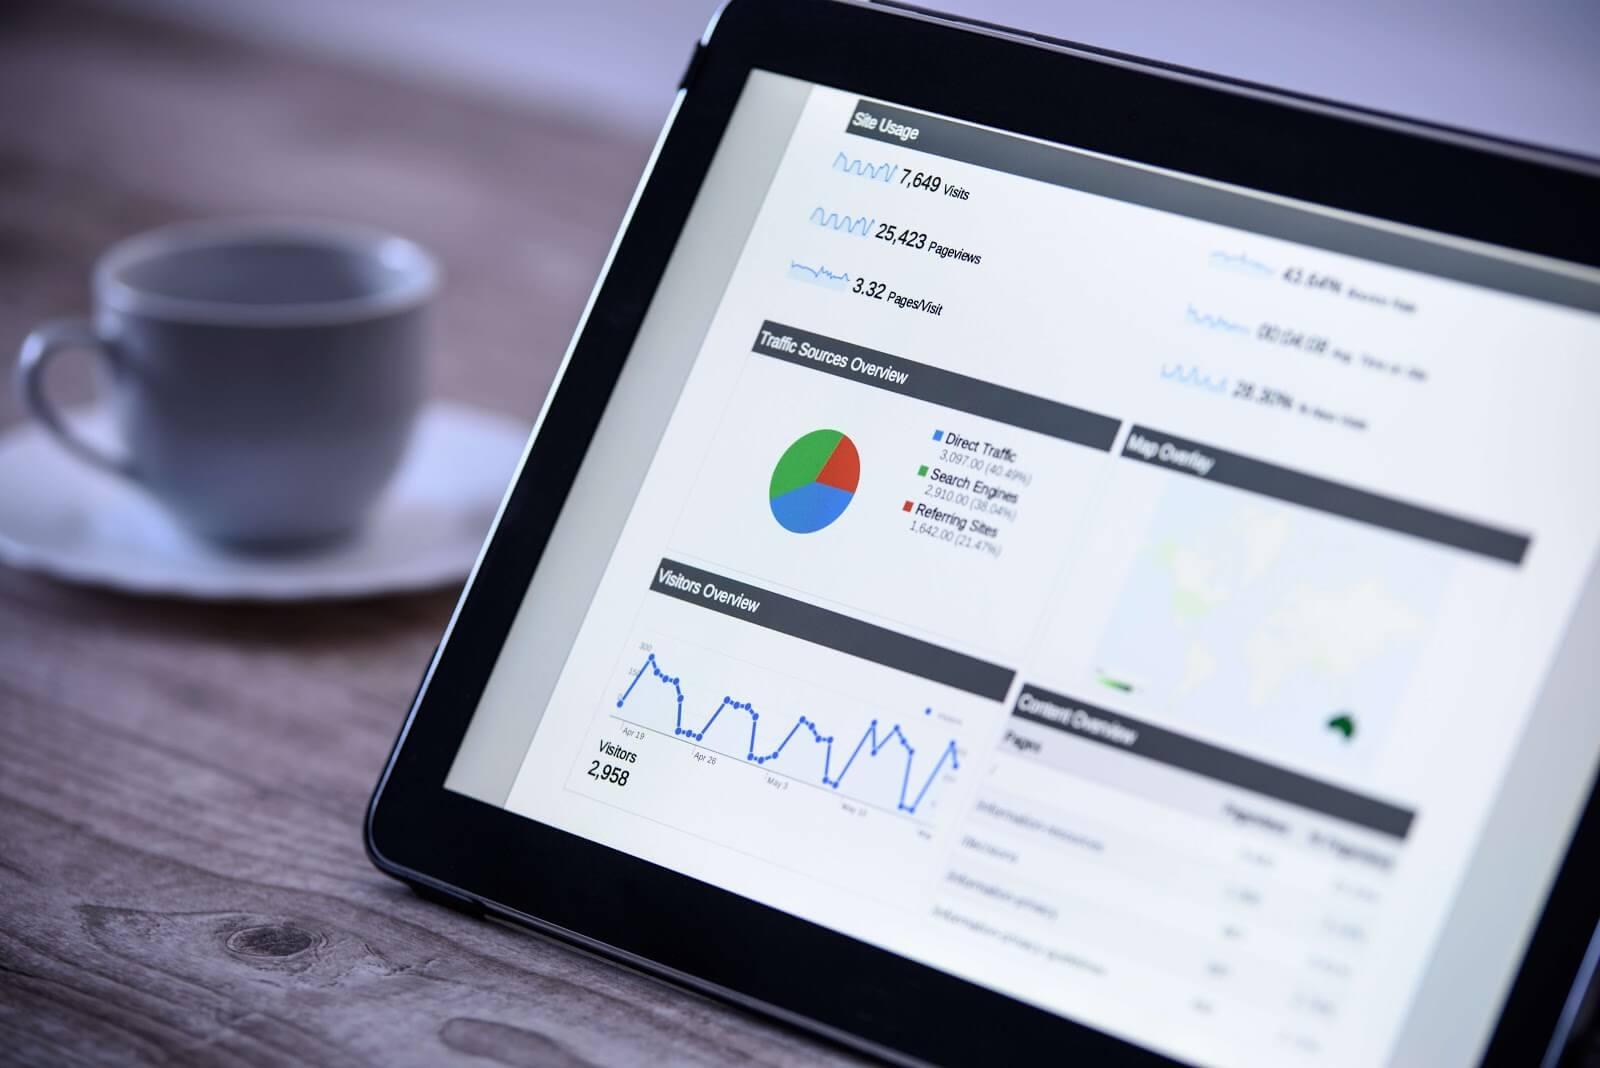 تحليلات جوجل: أهم المؤشرات التي ينبغي تتبُّعها